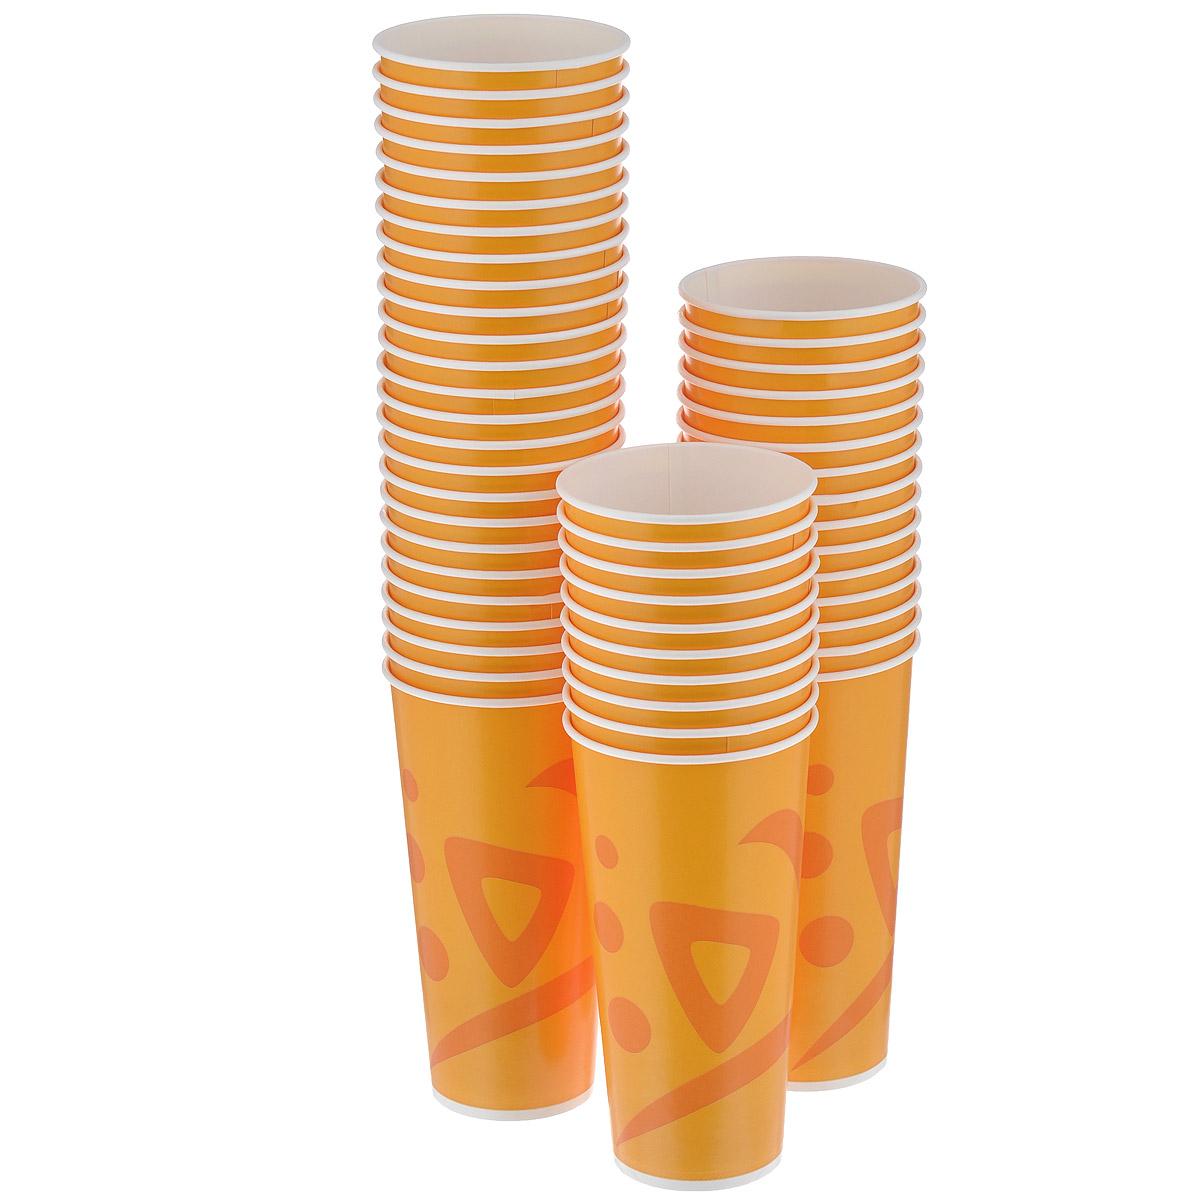 Стаканы одноразовые Huhtamaki Whizz, бумажные, 500 мл, 50 шт290989Одноразовые стаканы Huhtamaki Whizz изготовлены из ламинированной бумаги. Стаканы предназначены для подачи холодных напитков. Вы можете взять стаканы с собой на природу, в парк, на пикник и наслаждаться вкусными напитками. Несмотря на то, что стаканы бумажные, они очень прочные и не промокают. Диаметр (по верхнему краю): 9 см. Высота: 17 см.